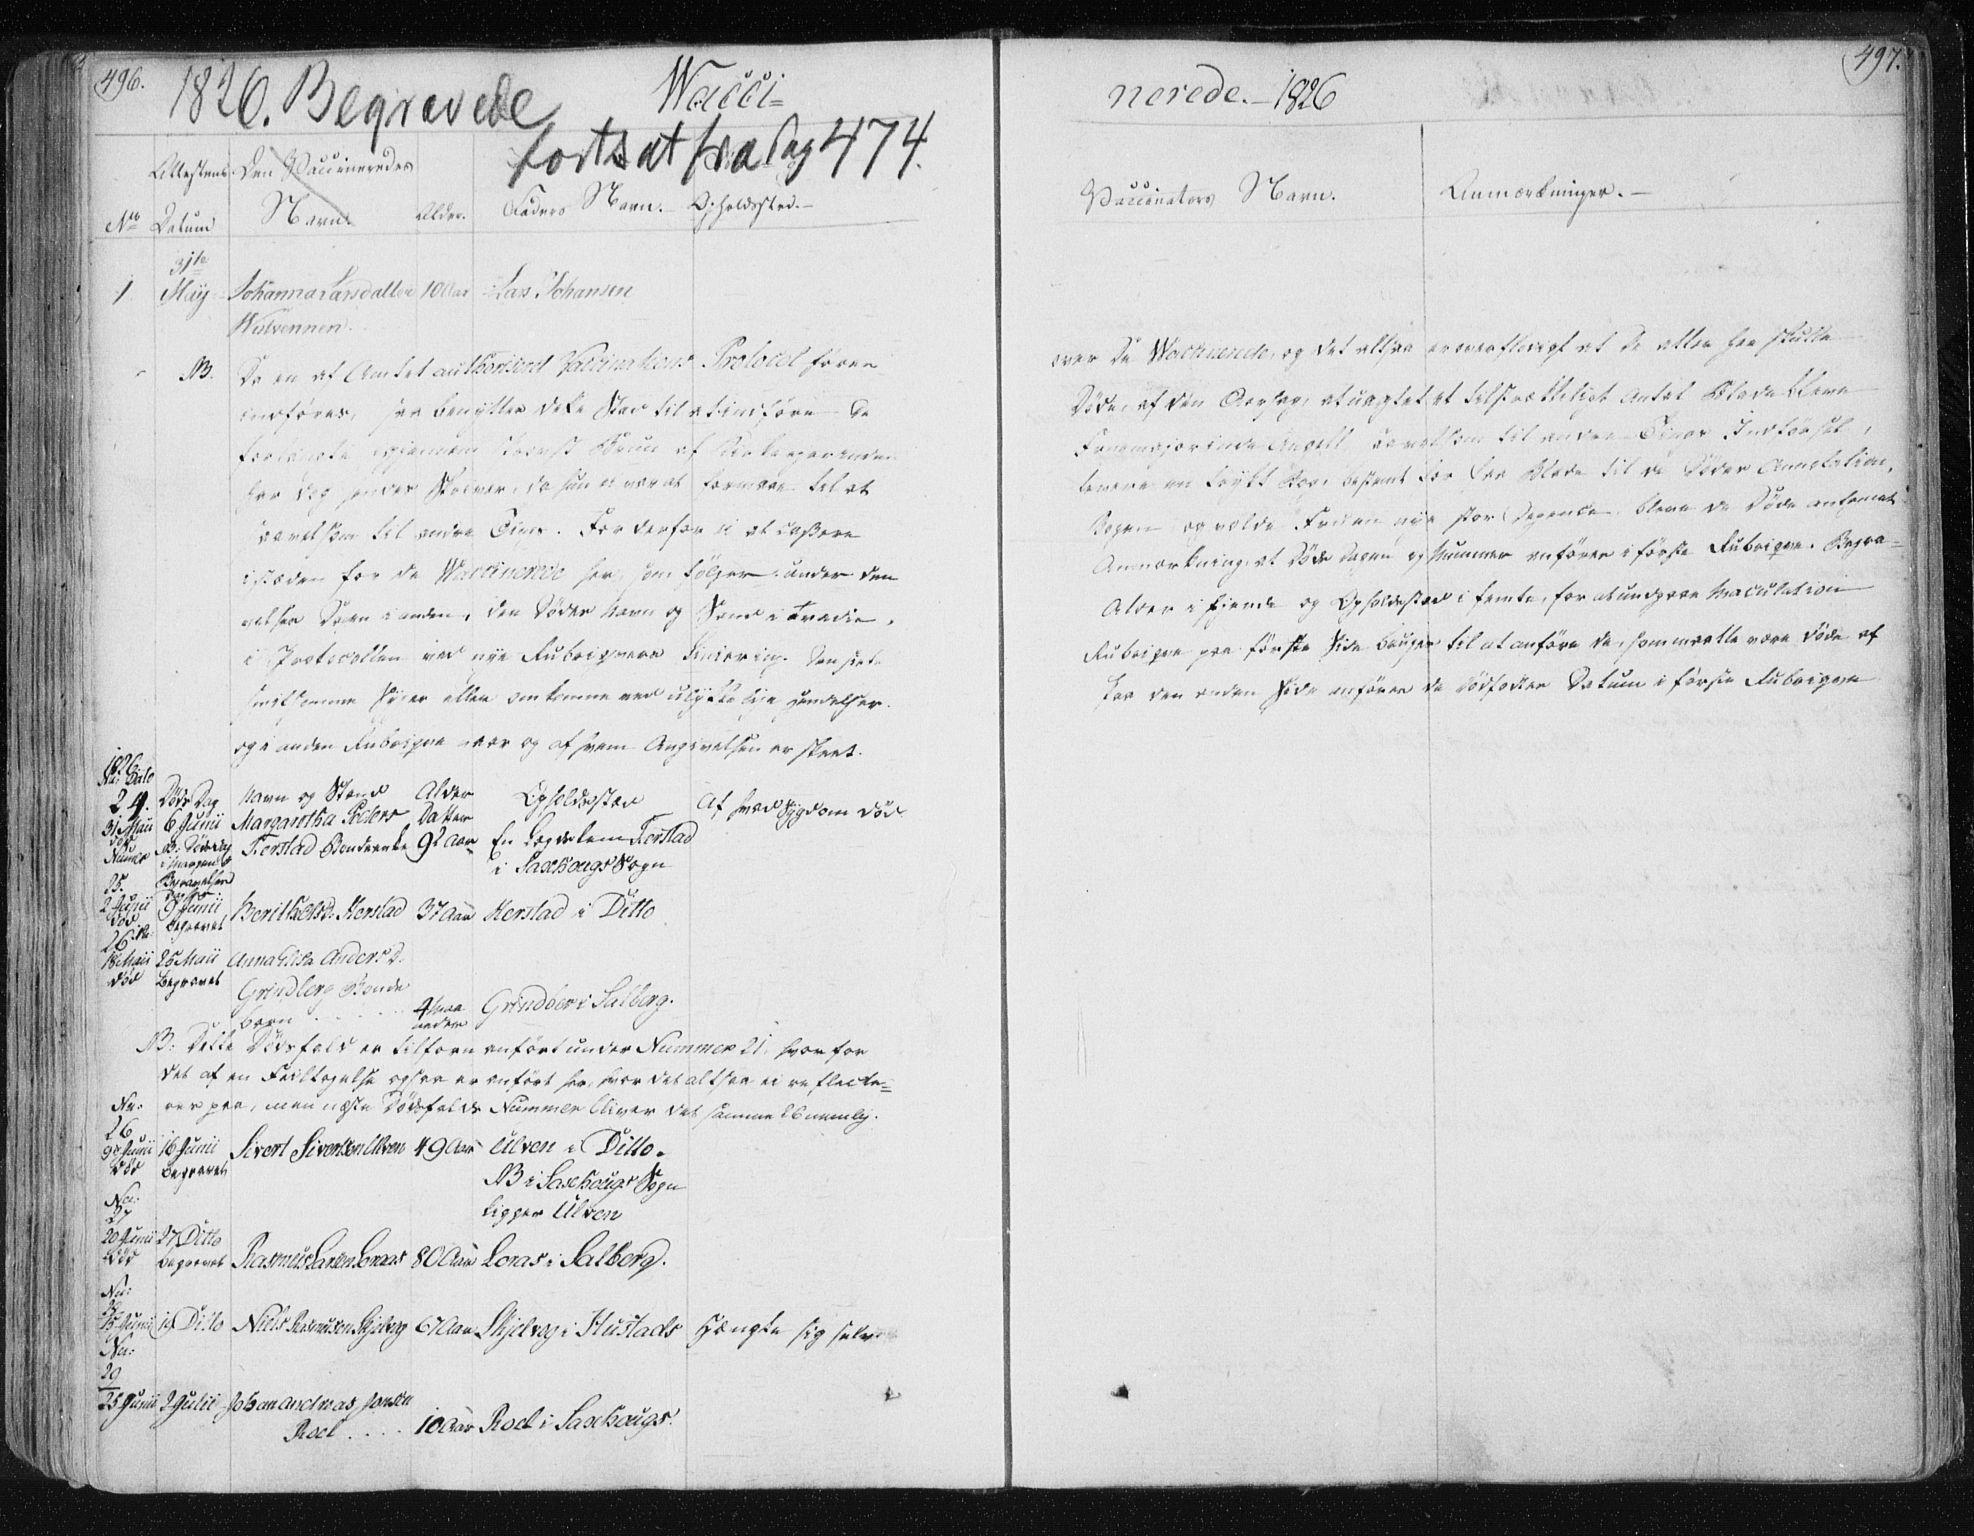 SAT, Ministerialprotokoller, klokkerbøker og fødselsregistre - Nord-Trøndelag, 730/L0276: Parish register (official) no. 730A05, 1822-1830, p. 496-497